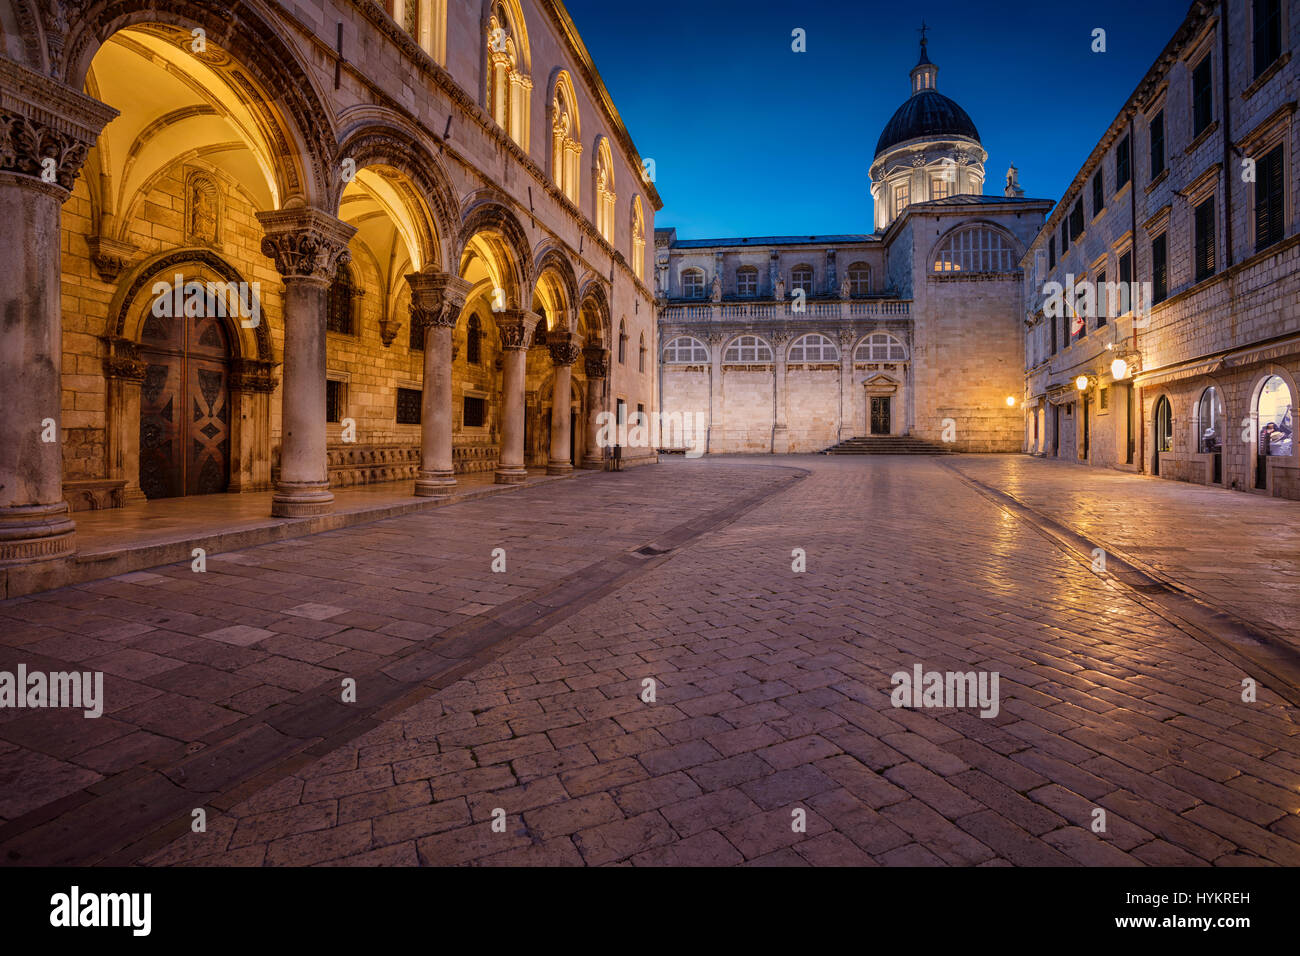 Dubrovnik. Belles rues romantiques de la vieille ville de Dubrovnik pendant le crépuscule heure bleue. Photo Stock